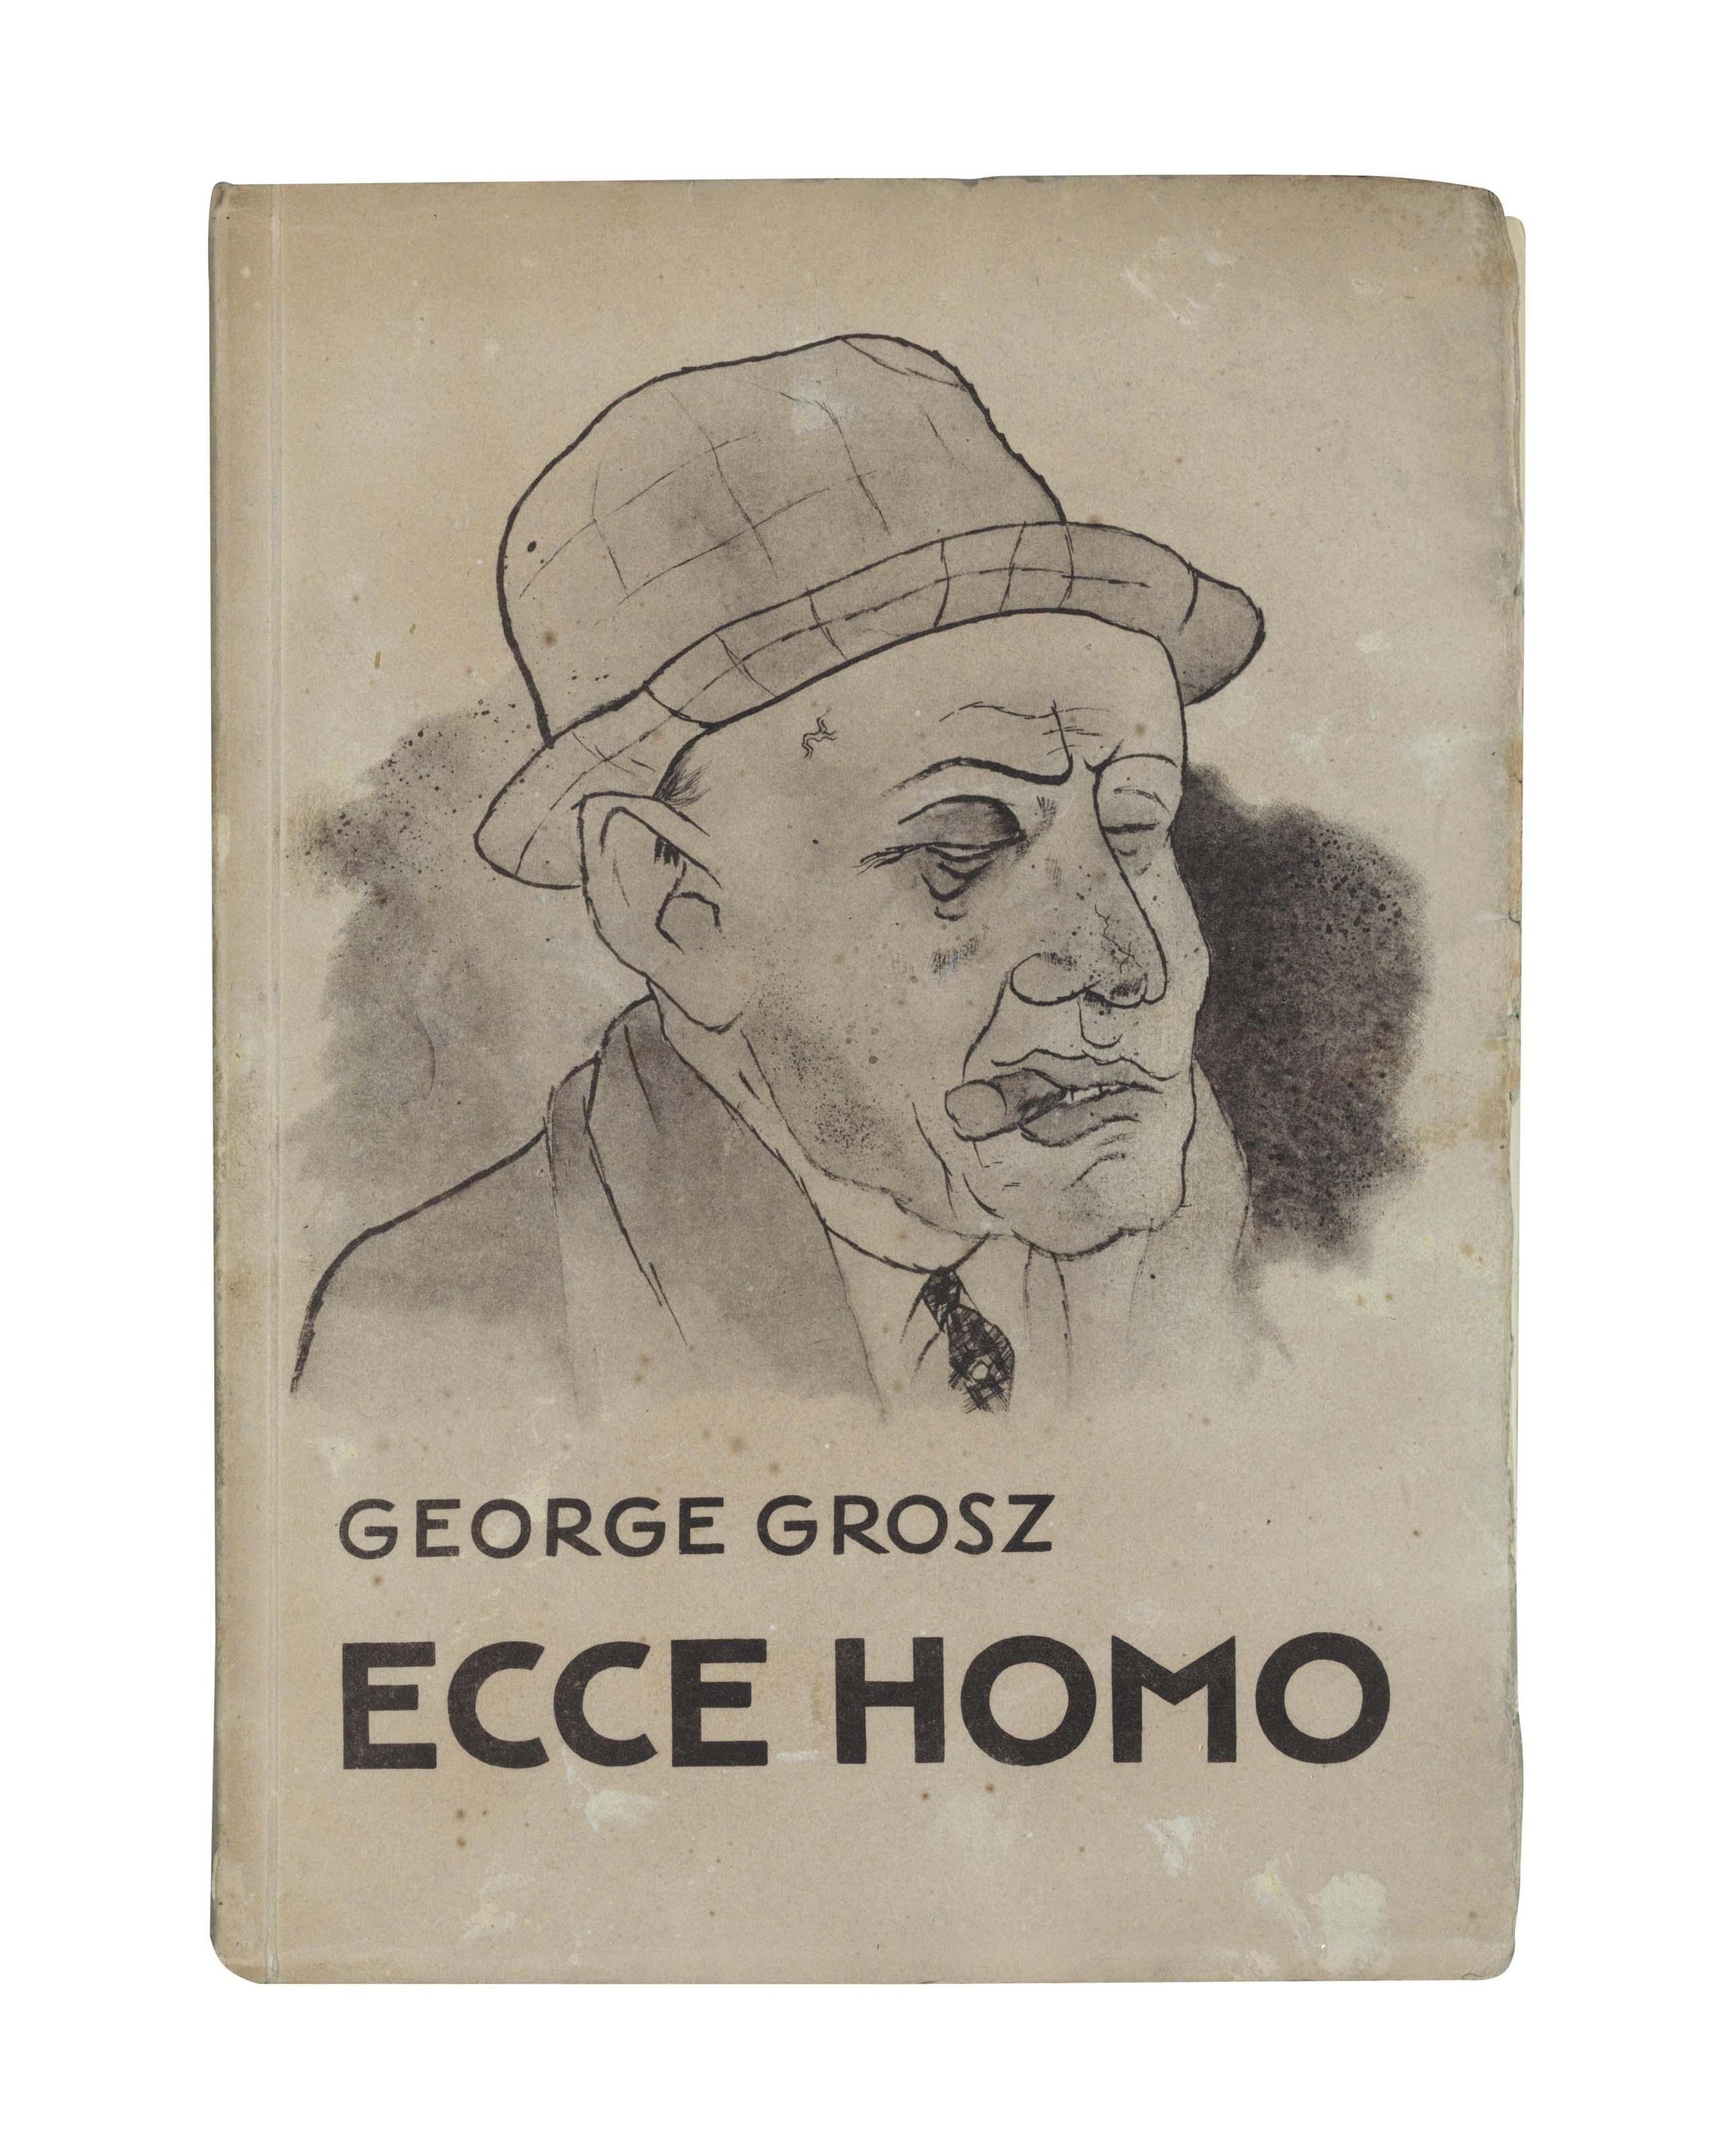 GROSZ, George (1893-1959). Ecc